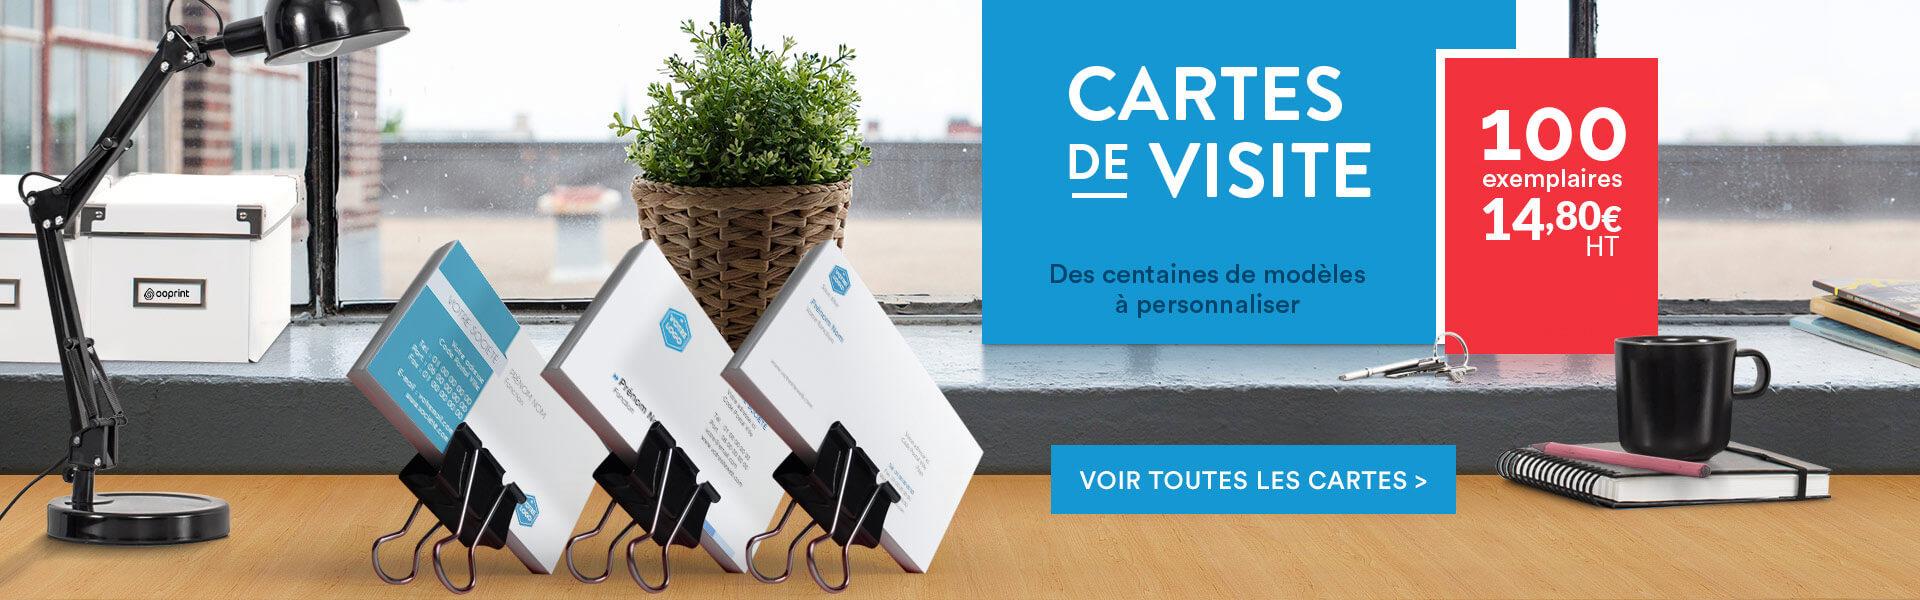 Cartes de visite à partir de 14,80 euros les 200 ex